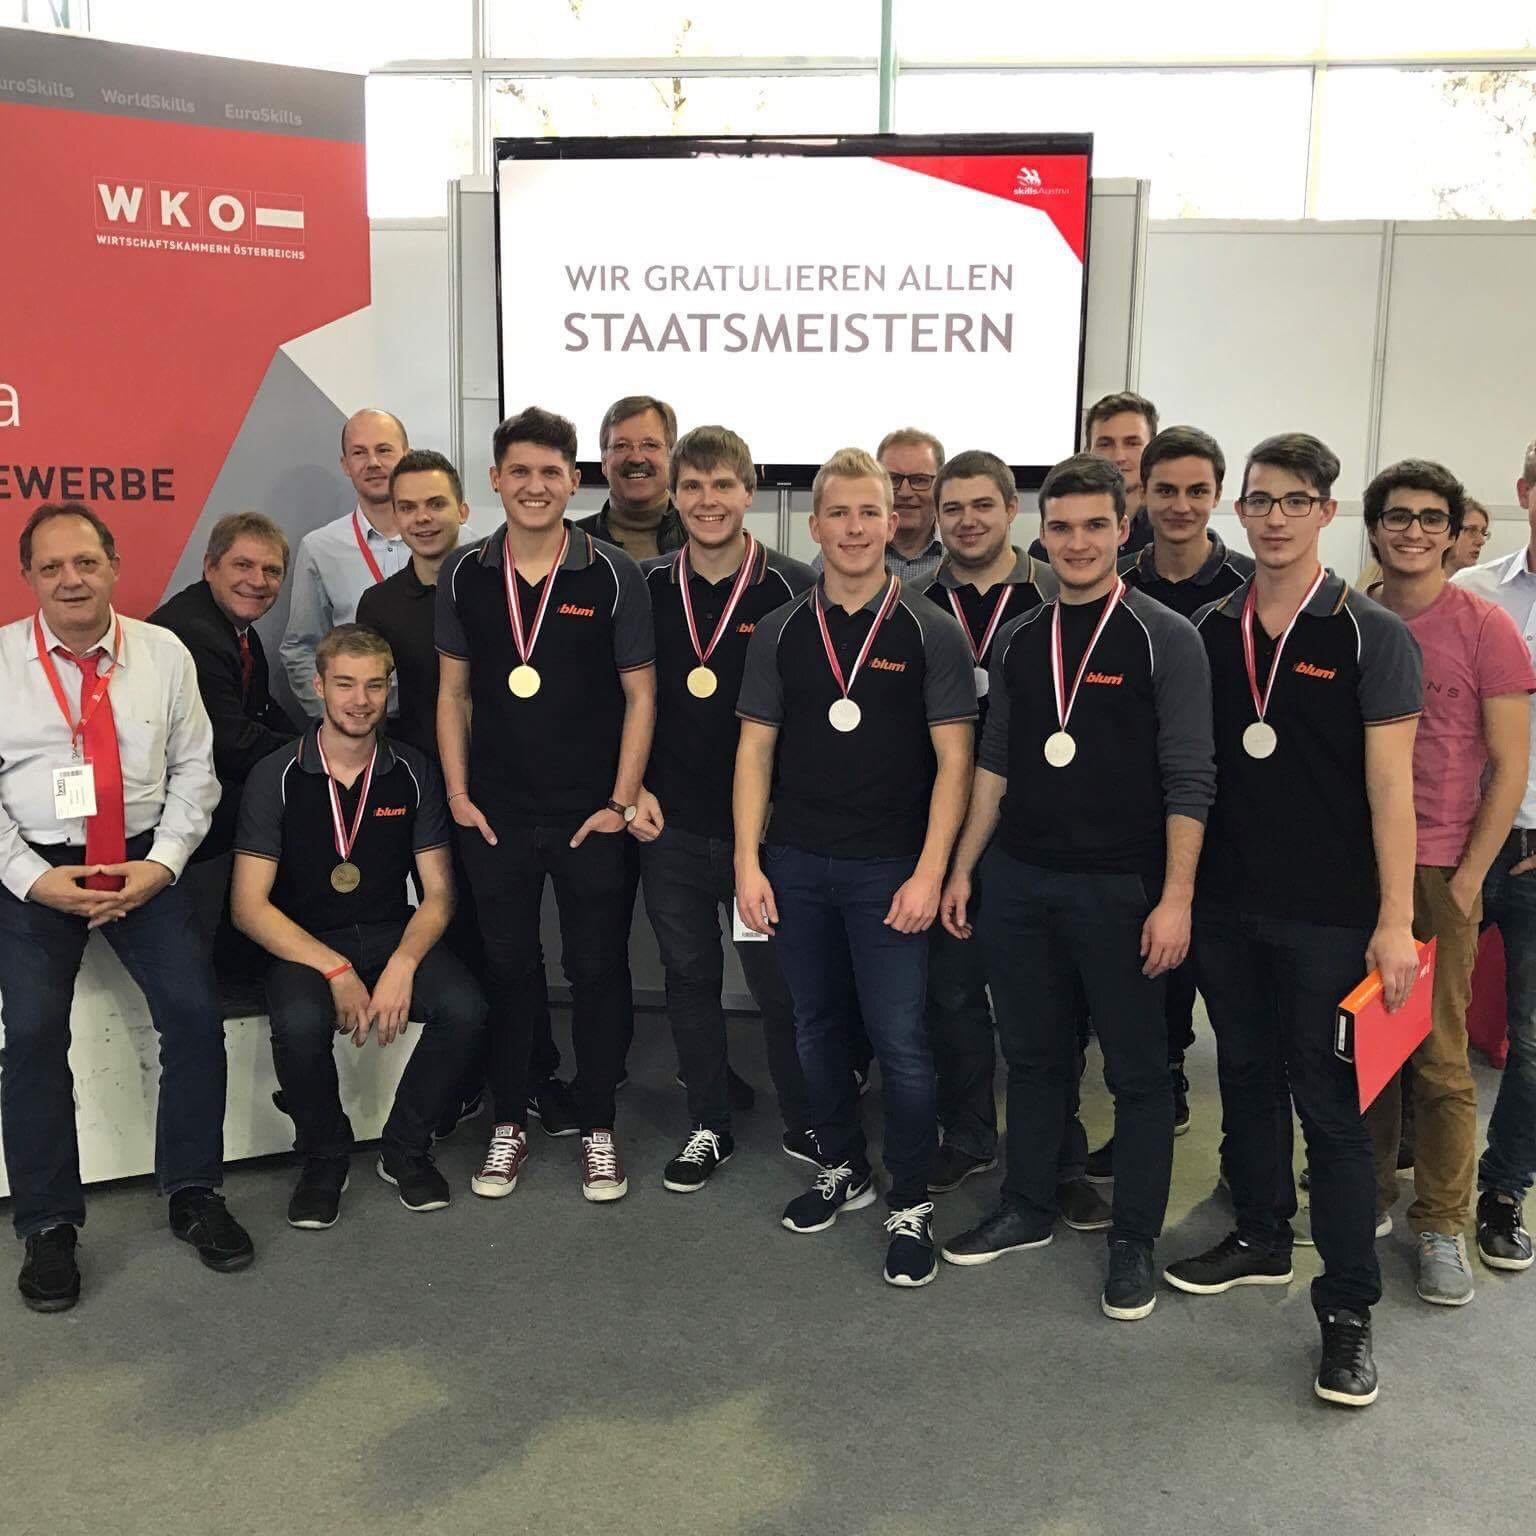 Das erfolgreiche Blum-Team: alle Teilnehmer landeten unter den Top 4.